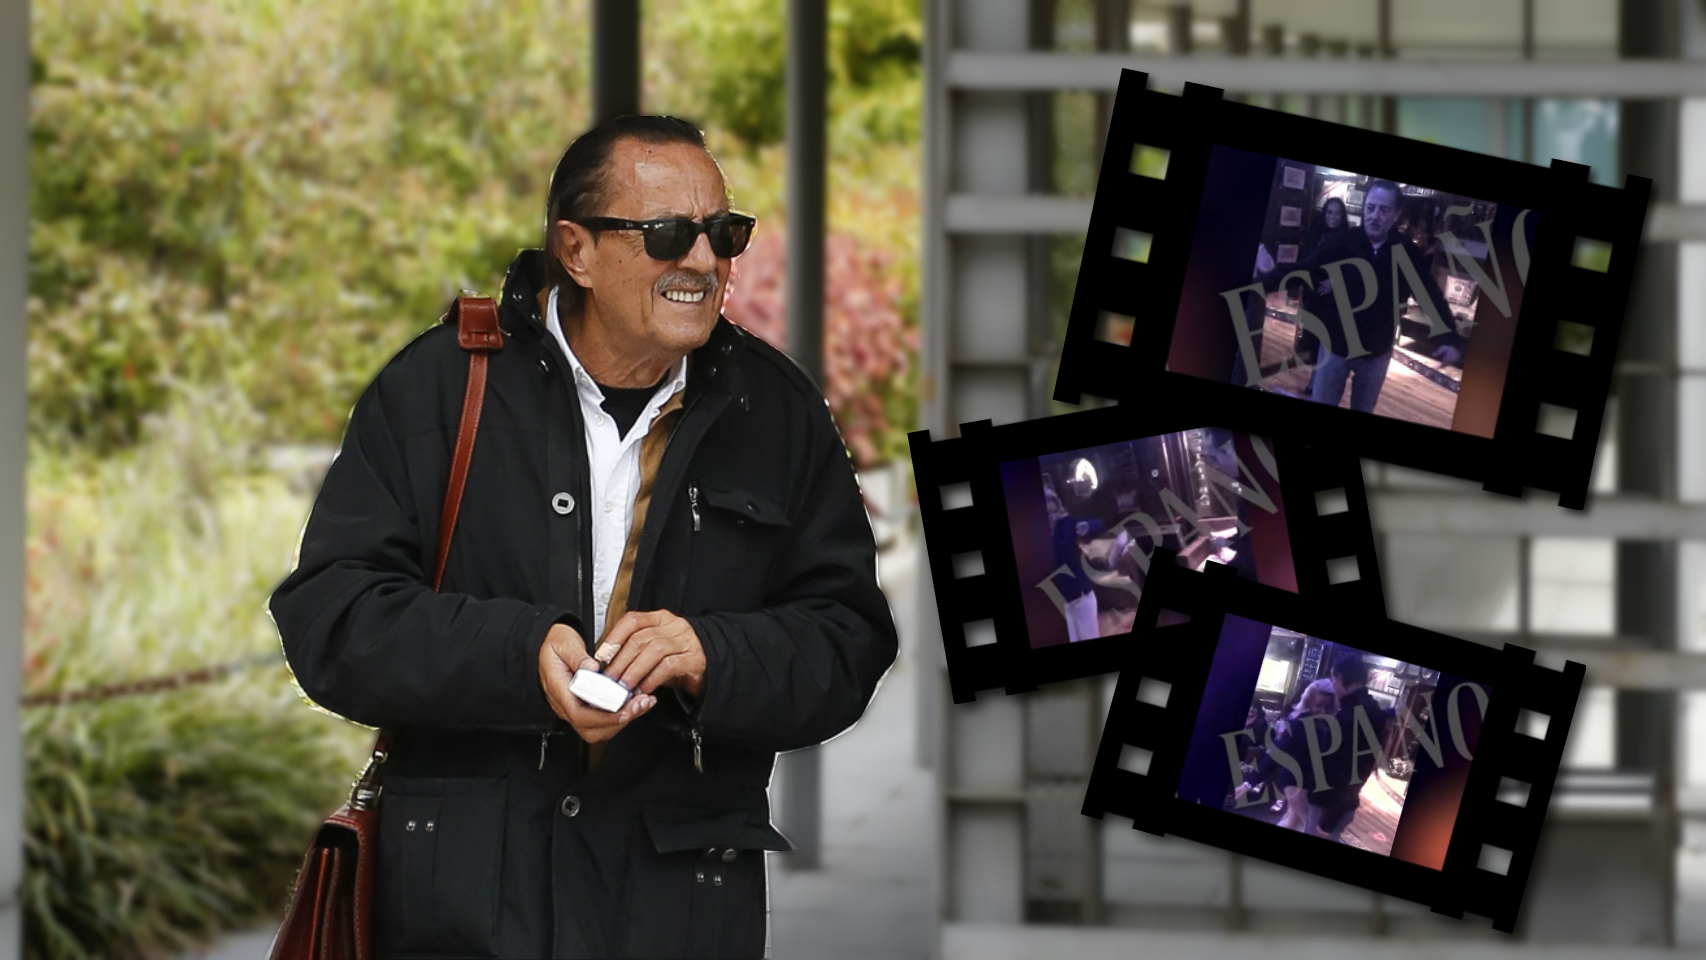 Julián Muñoz en un montaje de JALEOS junto a algunos fotogramas del polémico vídeo.